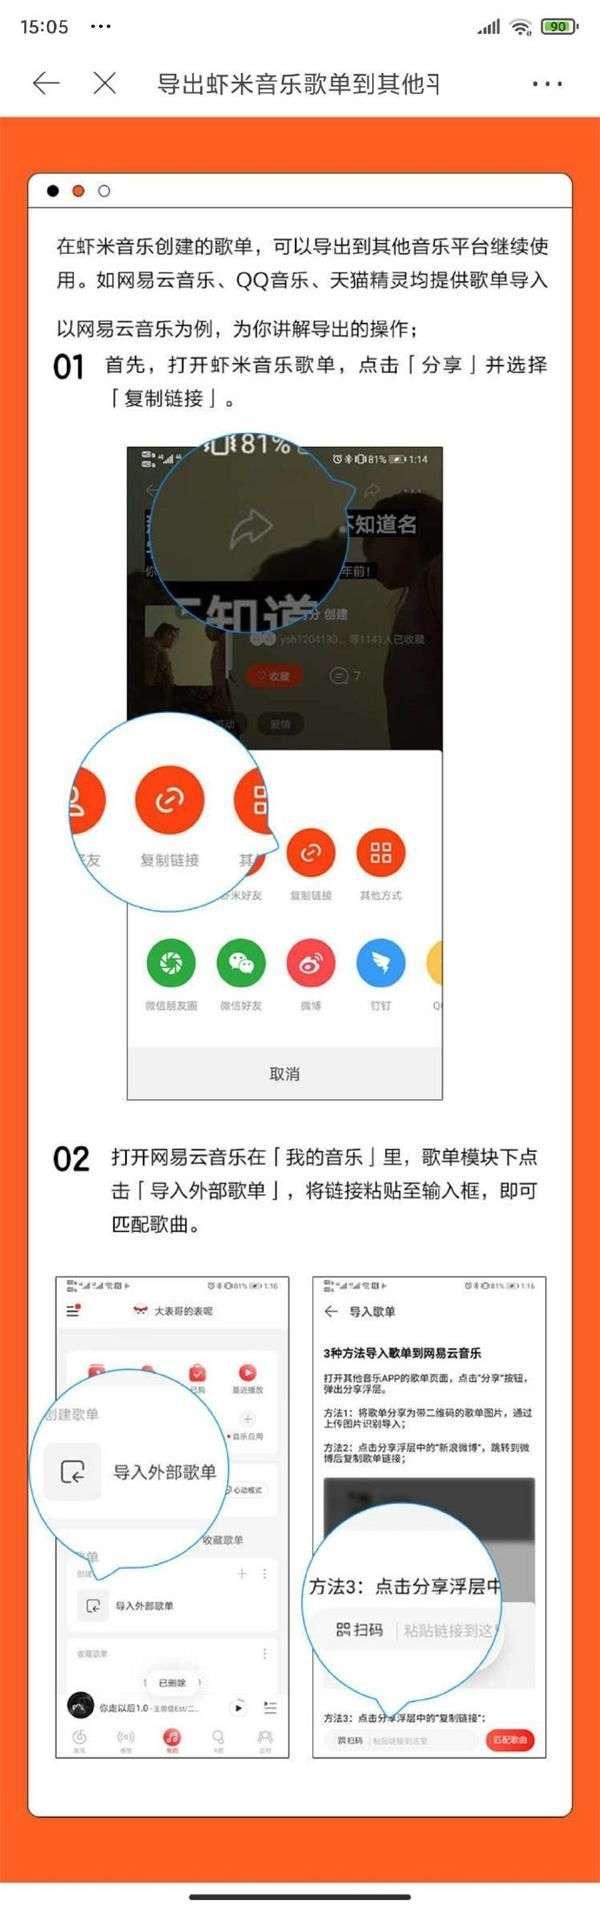 虾米音乐歌单怎么导出到其他平台 虾米音乐歌单导入网易云QQ音乐方法